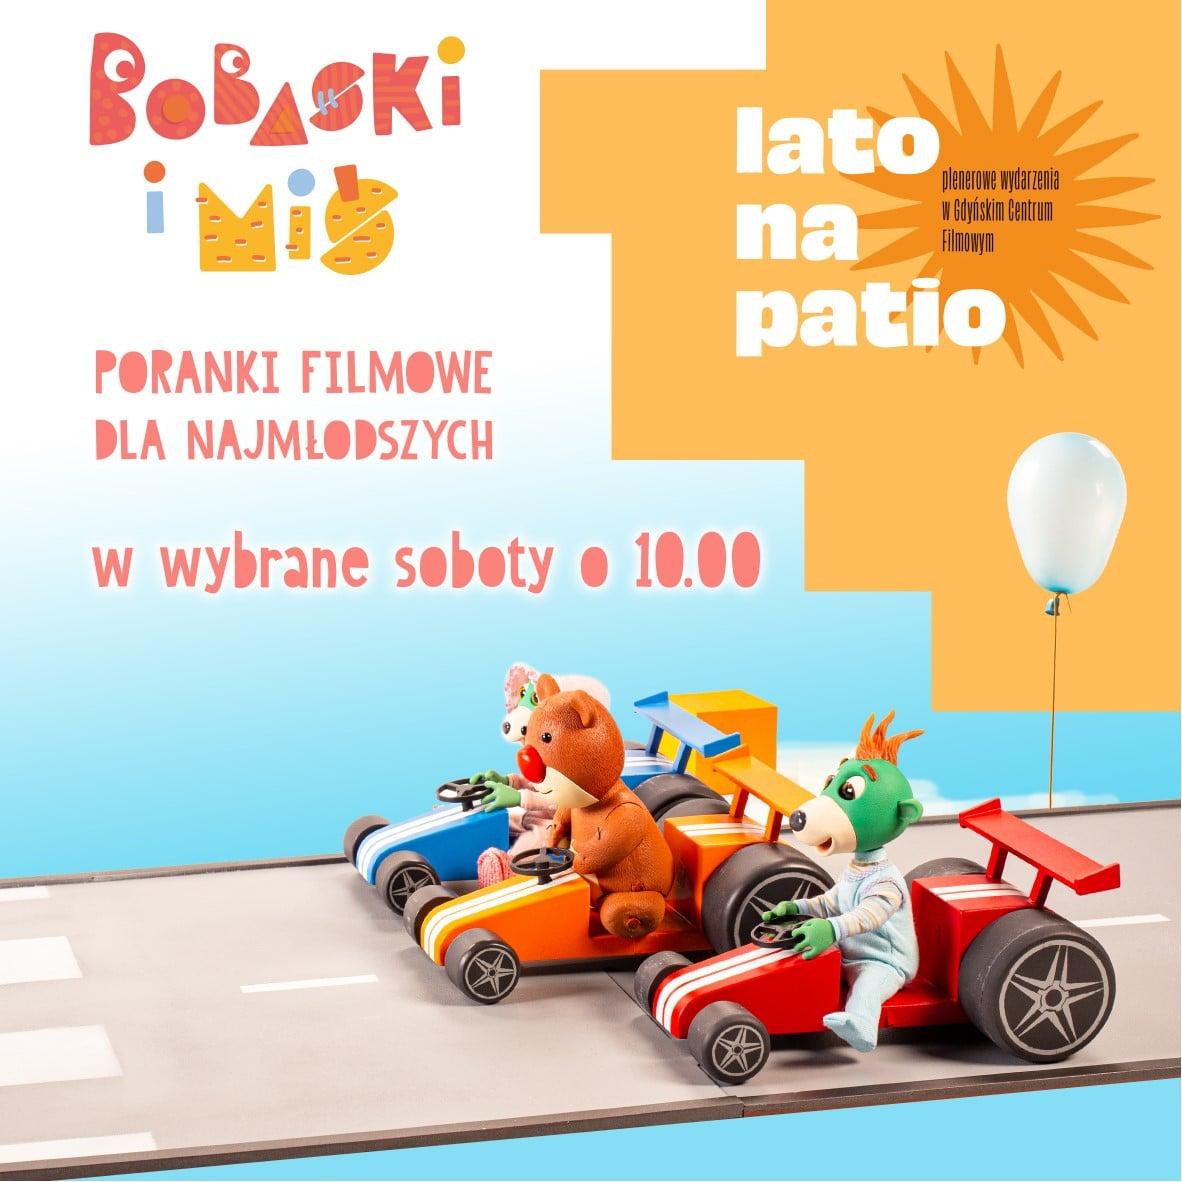 """""""Bobaski i Miś"""" - kolroowe ludziki i miś jadą samochodami wyścigowymi. Na plakacie informacja: Poranki filmowe dla najmłodszych w wybrane soboty o godz. 10.00 na Lato na Patio w GCF. // fot. fb.com/bobaskiimis"""